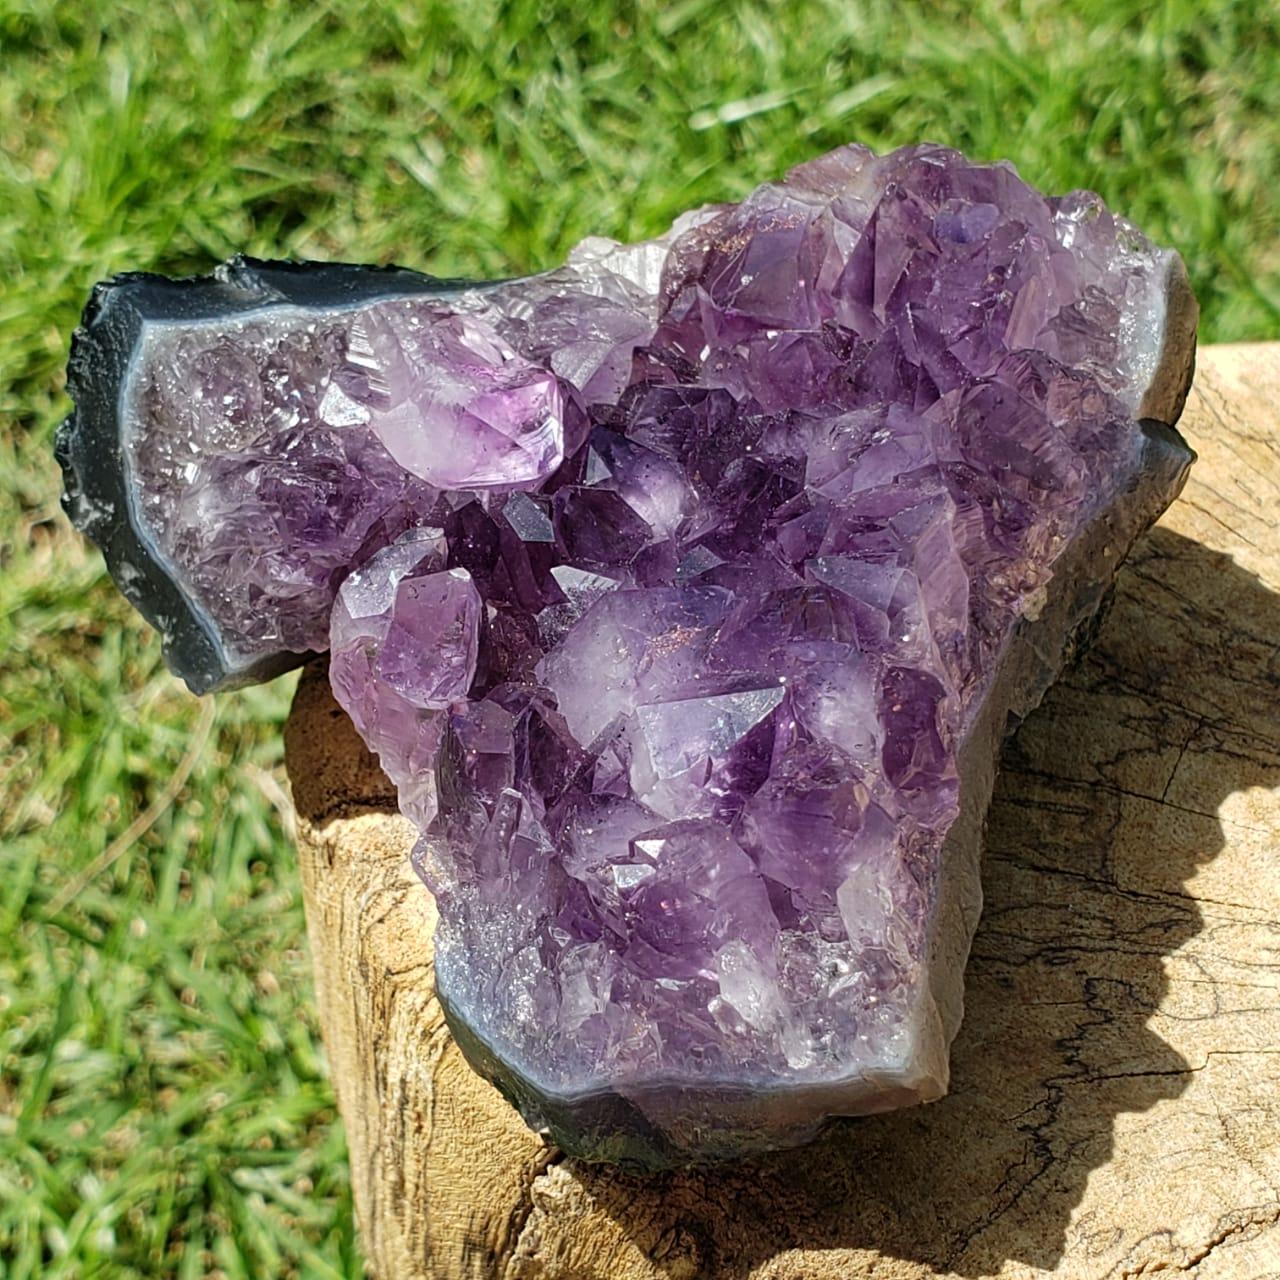 Cristal - Drusa - Ametista - Grande Conexão com o Divino